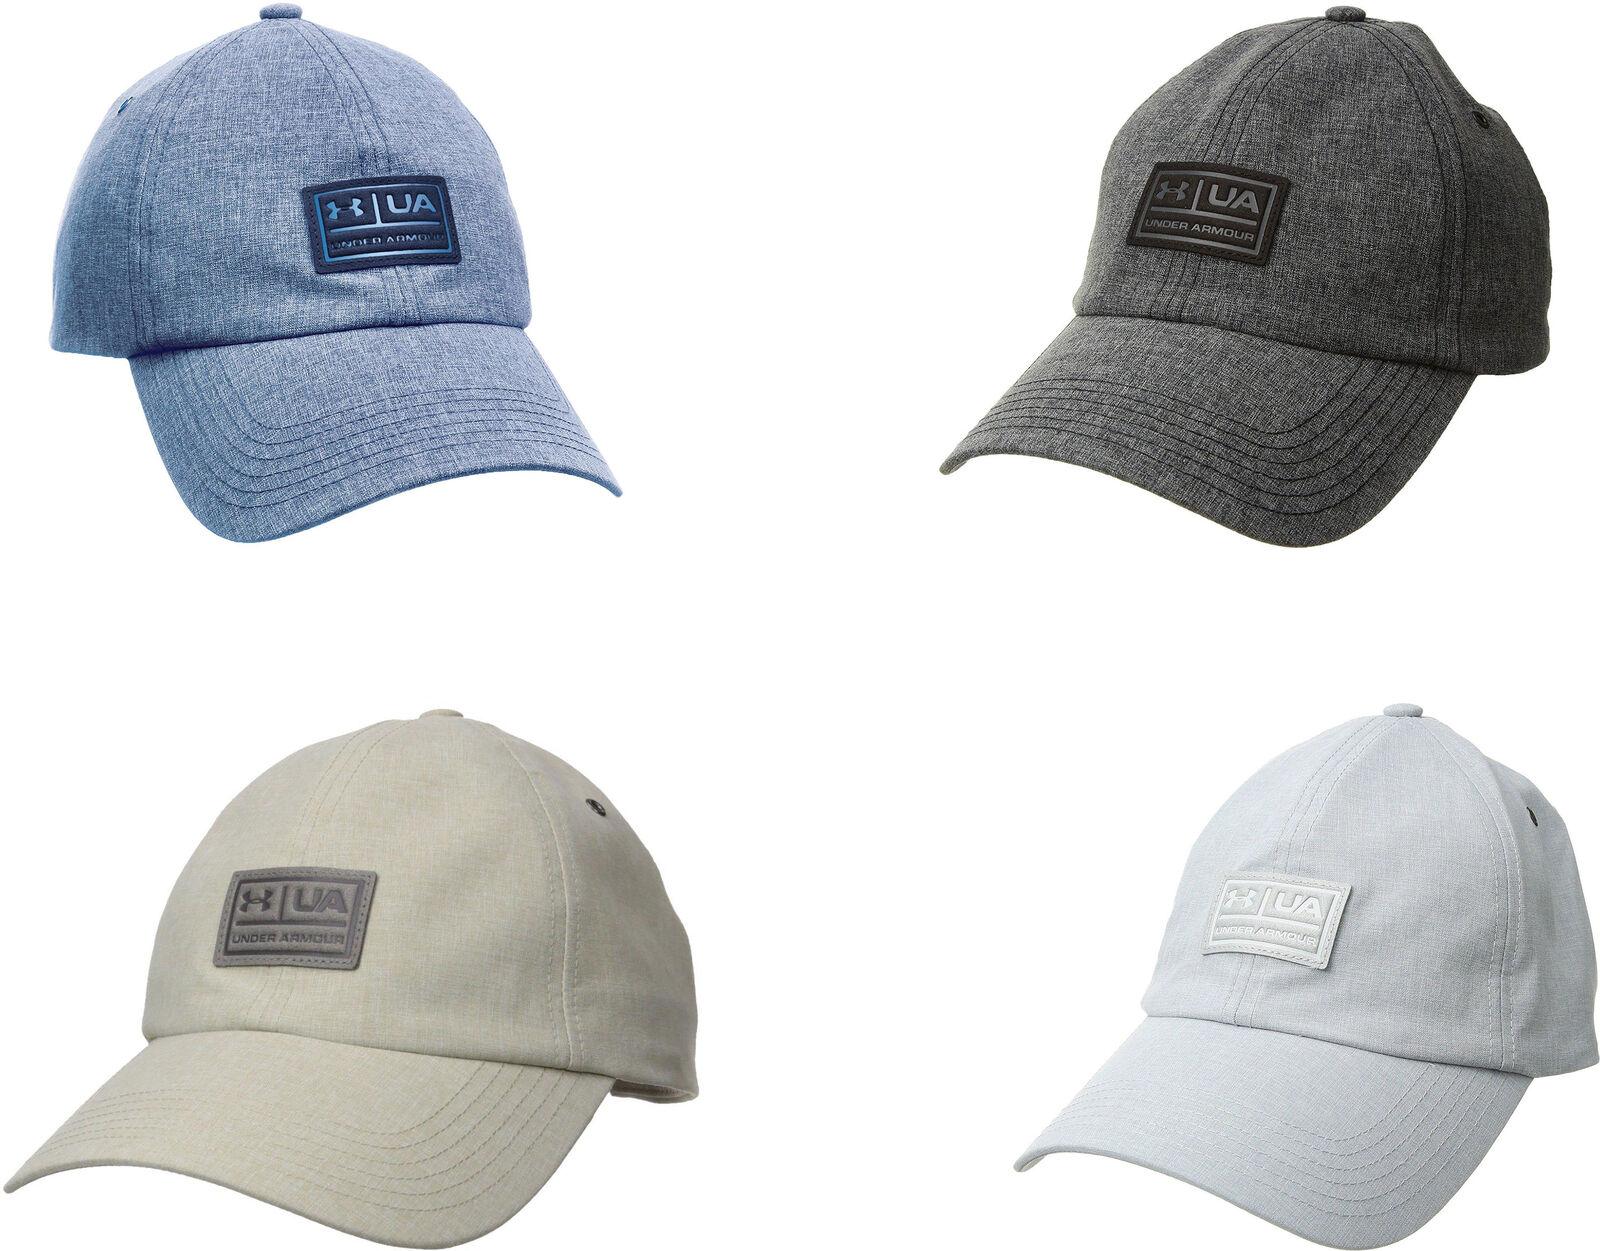 online retailer 21d79 8e7a8 Under Armour Men s Performance Lifestyle Dad Cap, 4 Colors